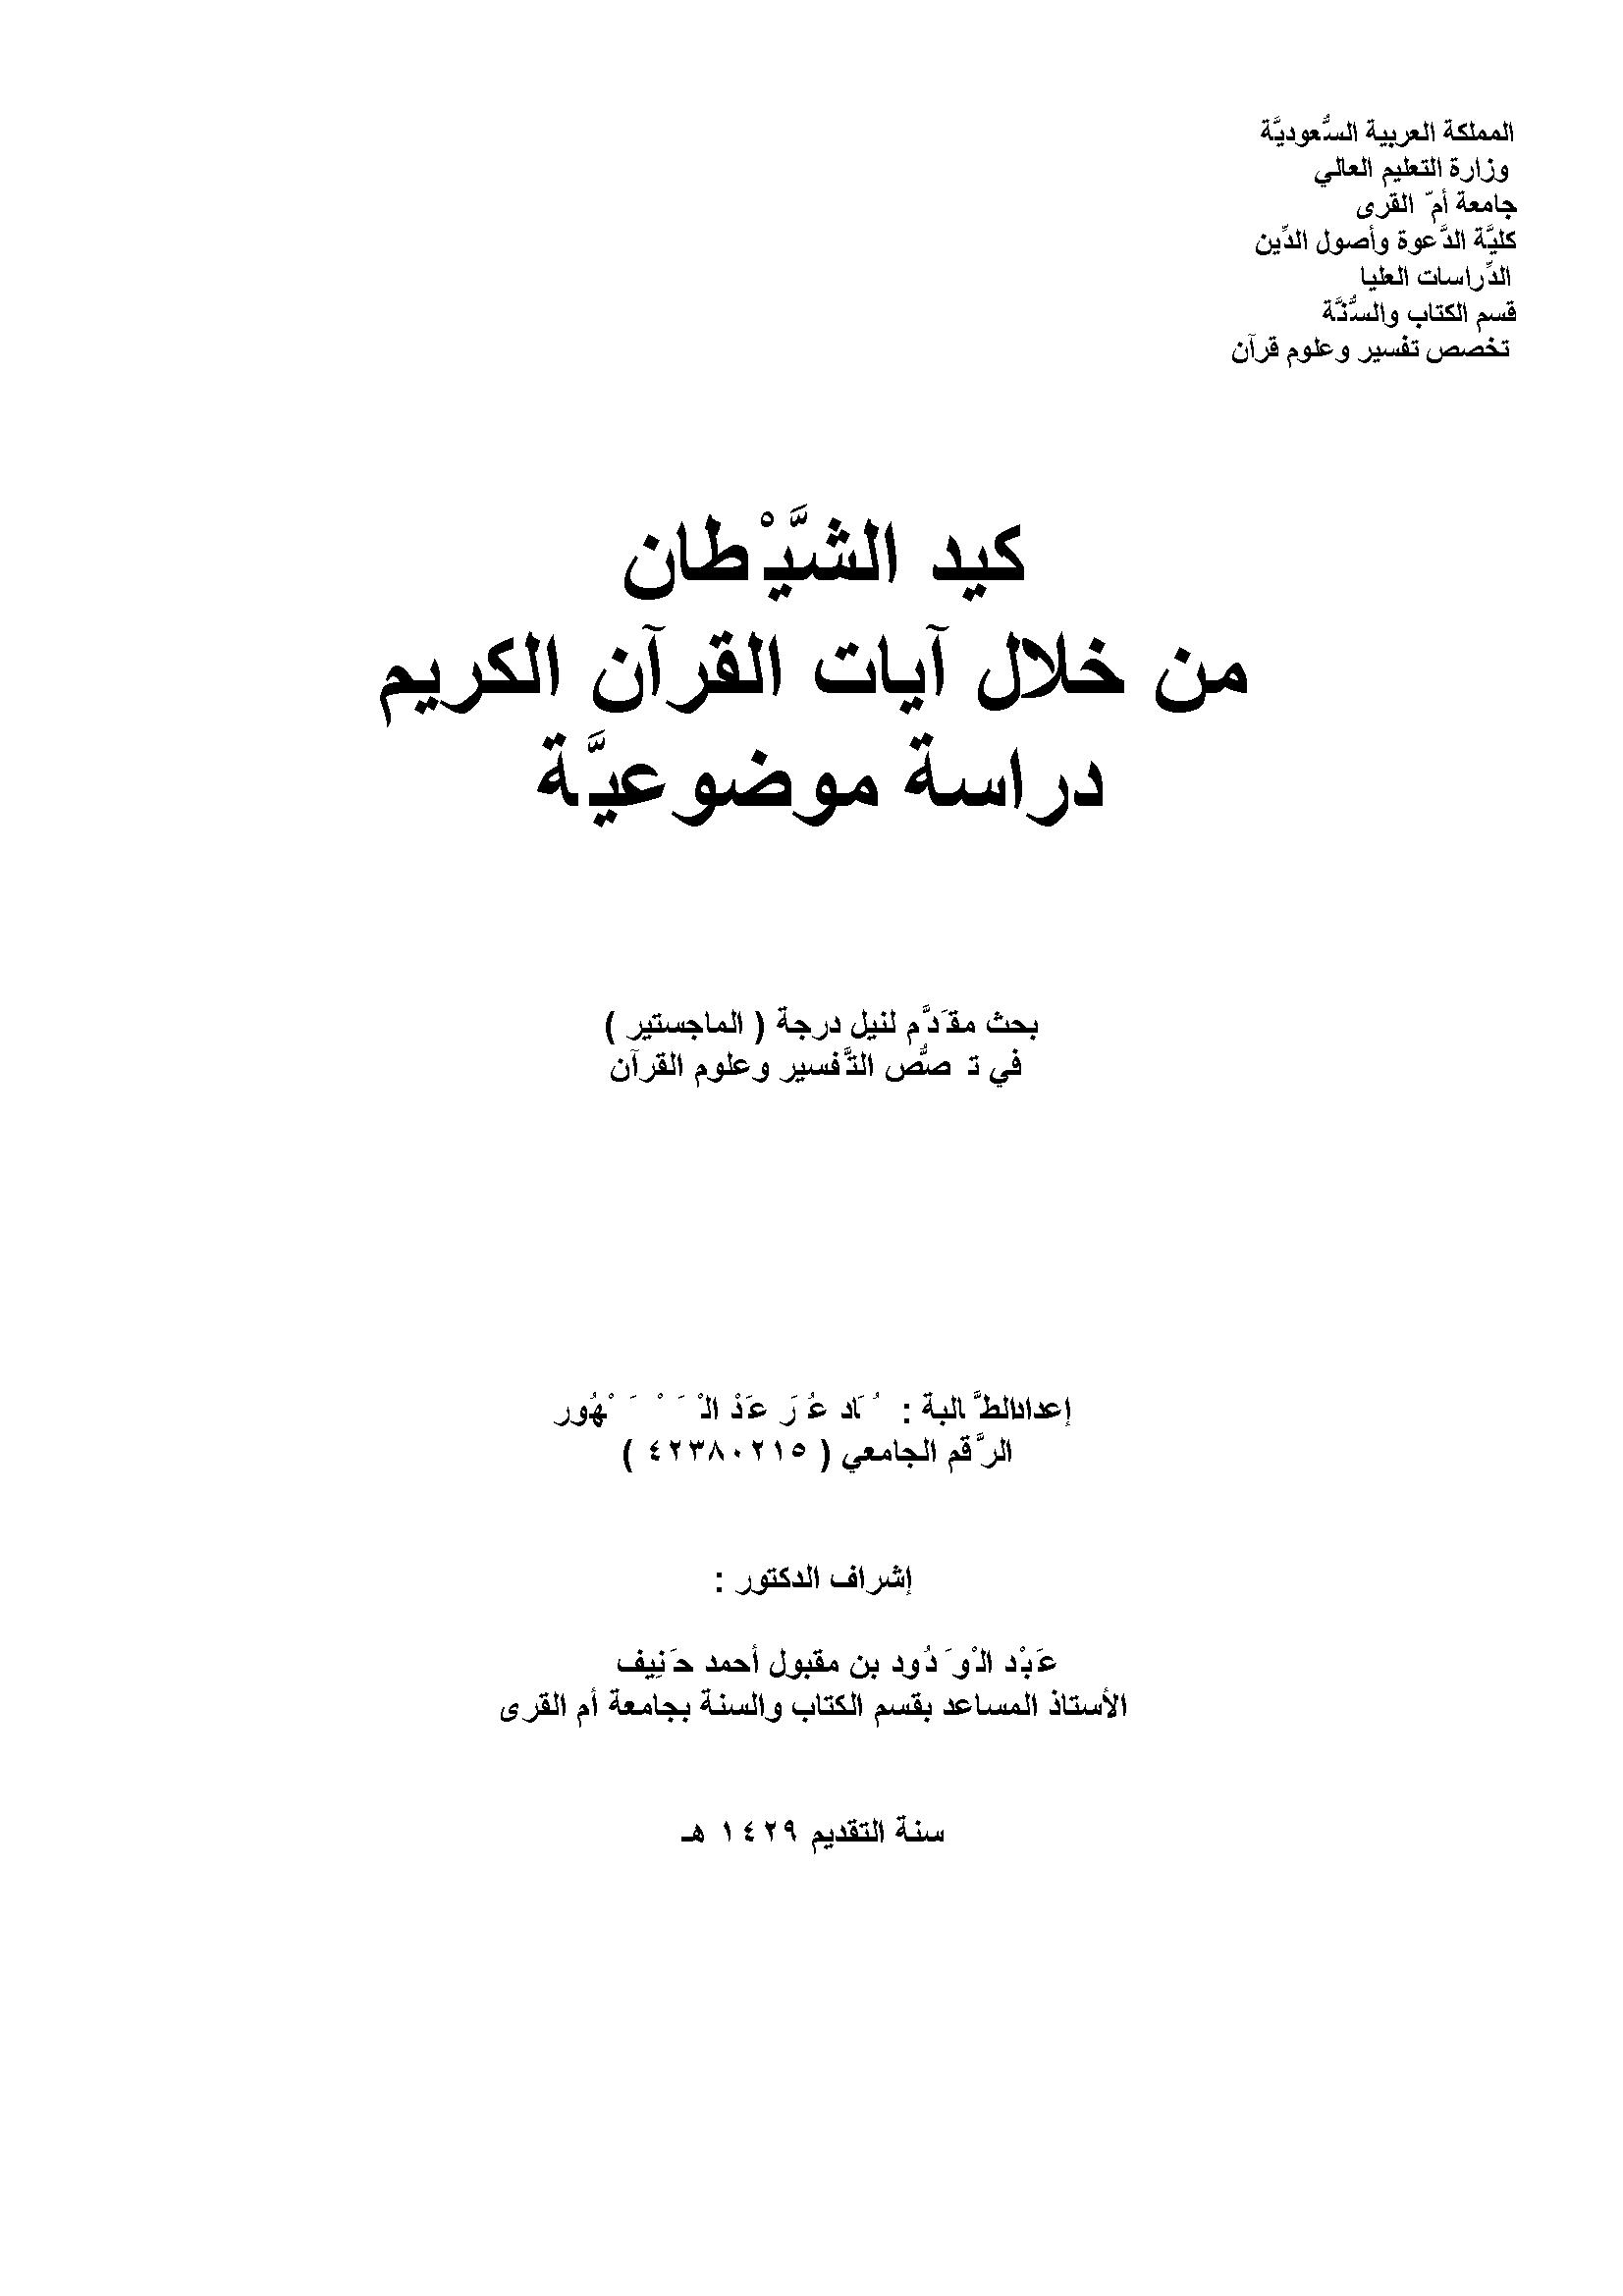 تحميل كتاب كيد الشيطان من خلال آيات القرآن الكريم (دراسة موضوعية) لـِ: سعاد عمر عبد الحي مشهور